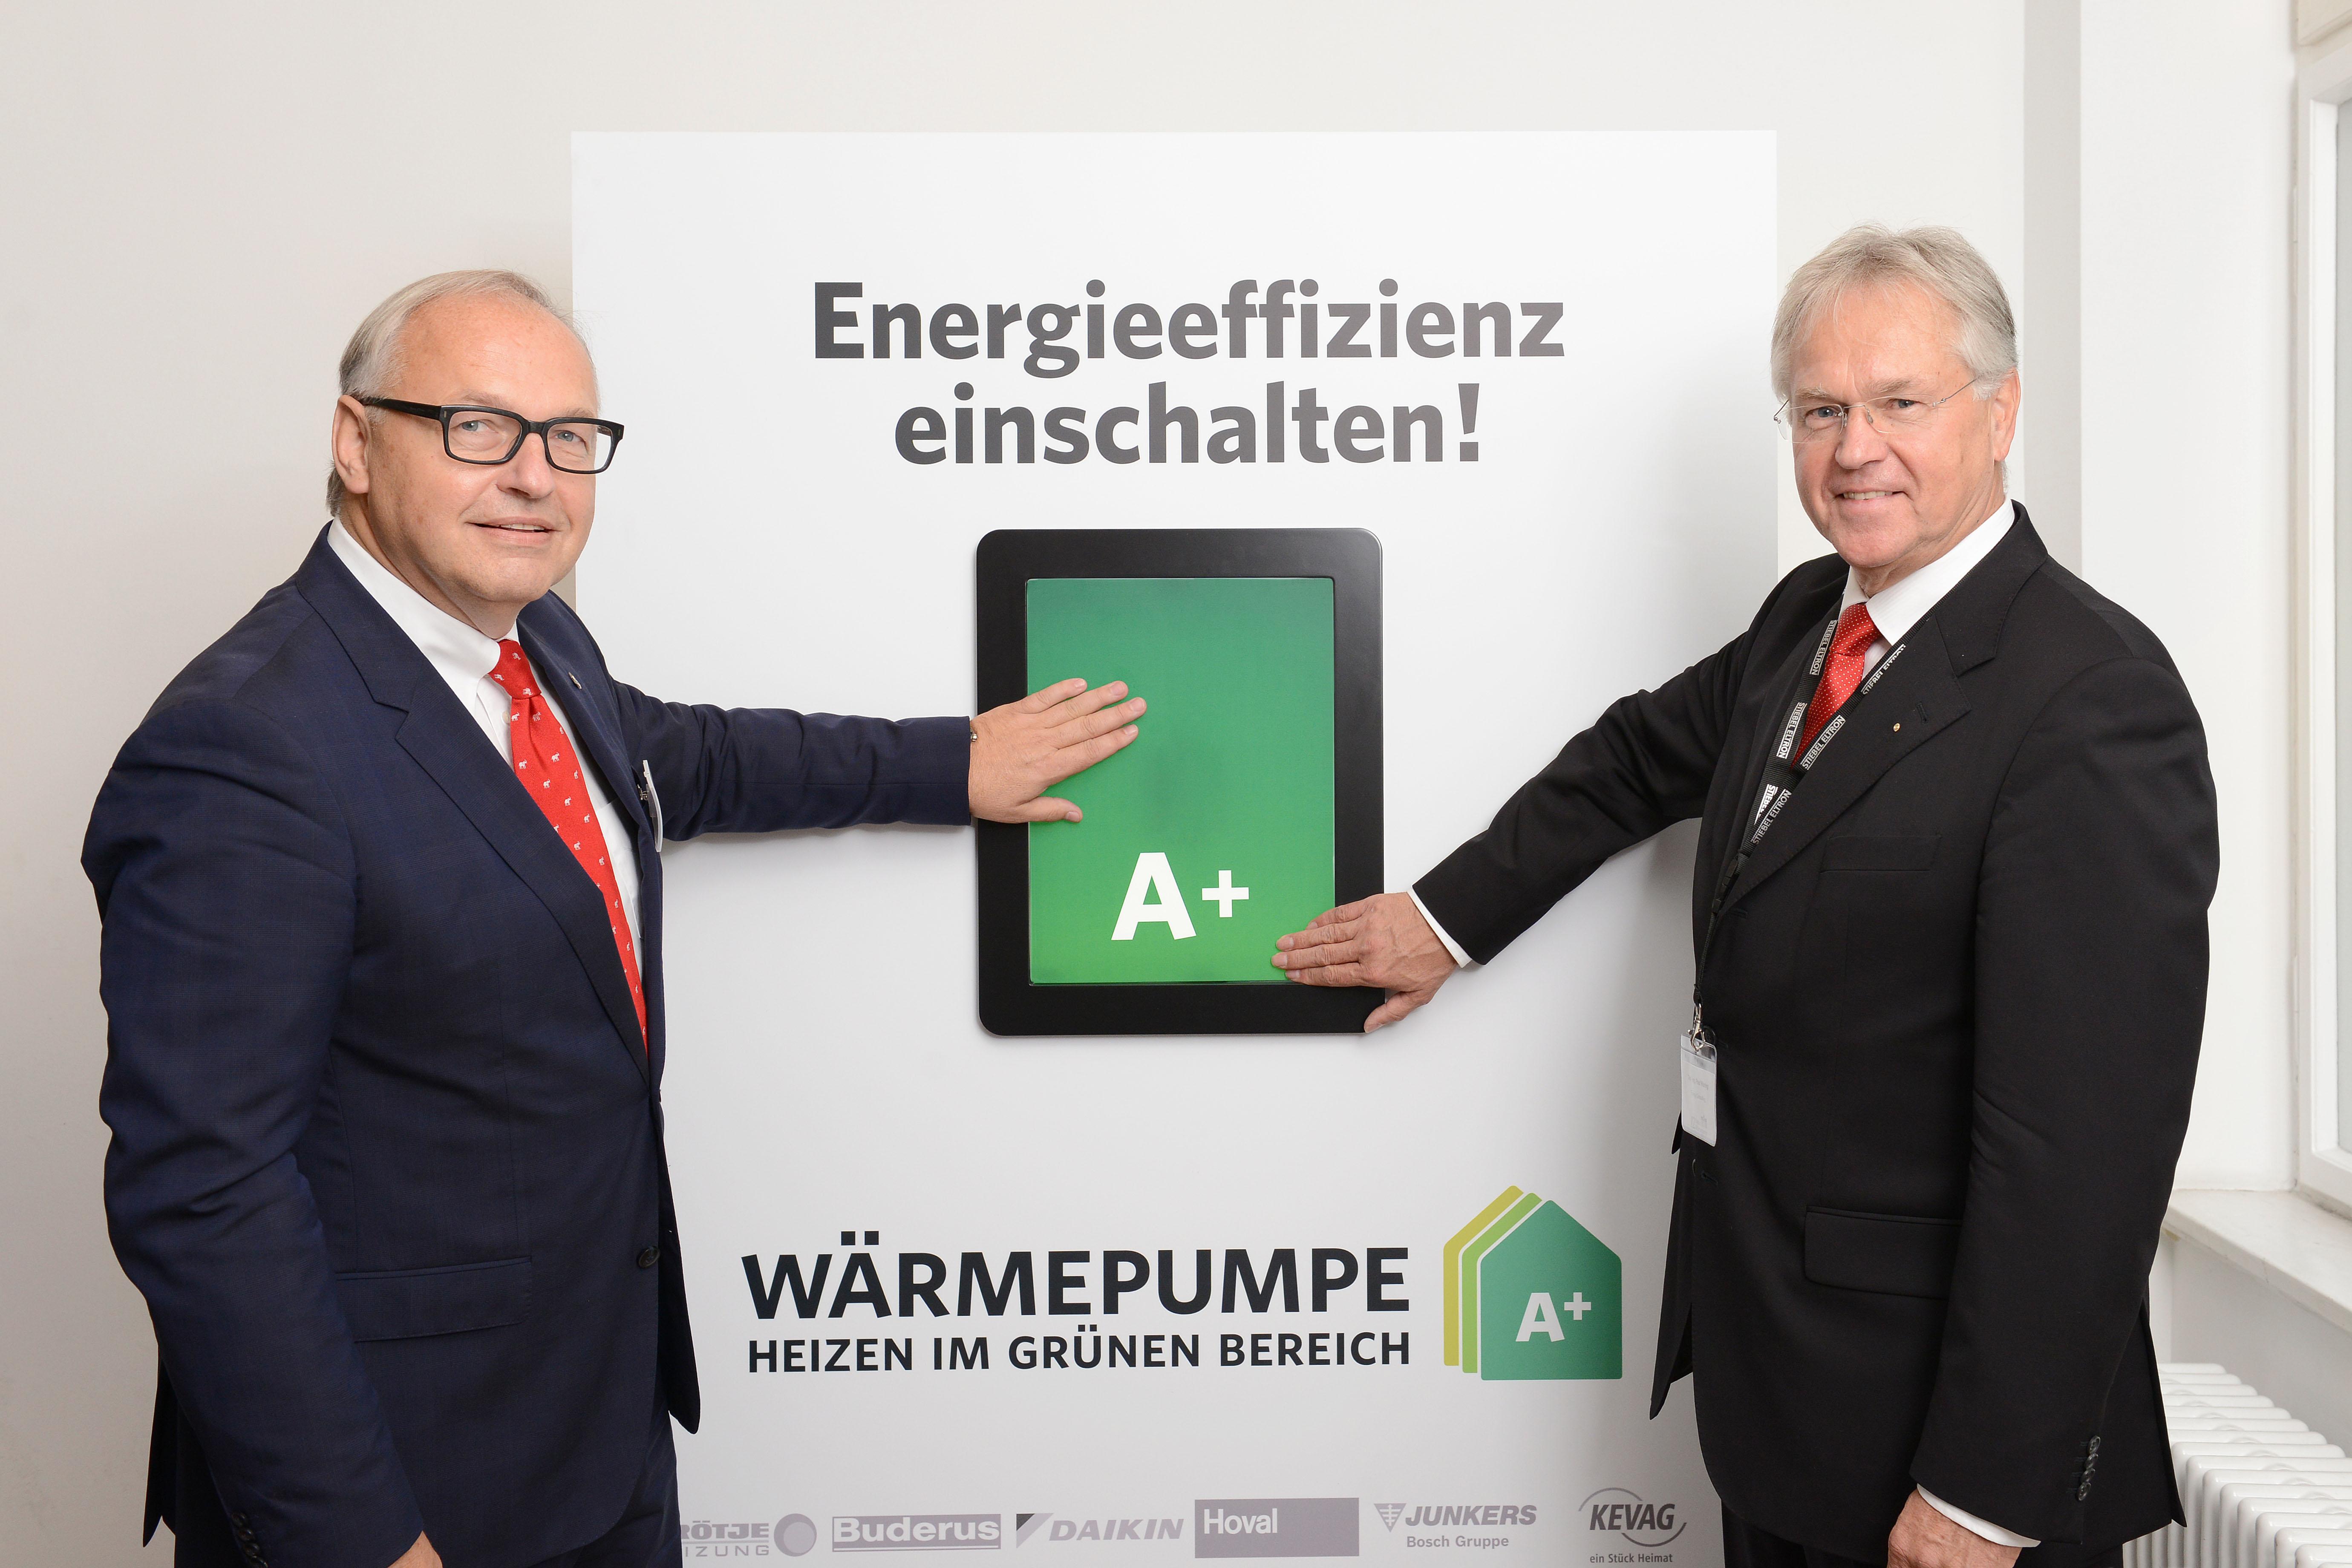 """Energieeffizienz einschalten: Der Bundesverband Wärmepumpe ließ Prominenz aus Politik, Wissenschaft und Industrie öffentlichkeitswirksame die """"Energieeffizienz einschalten!"""" Hier am Zuge: Karl-Heinz Stawiarski, BWP-Geschäftsführer und Paul Waning, BWP-Vorstandsvorsitzender."""